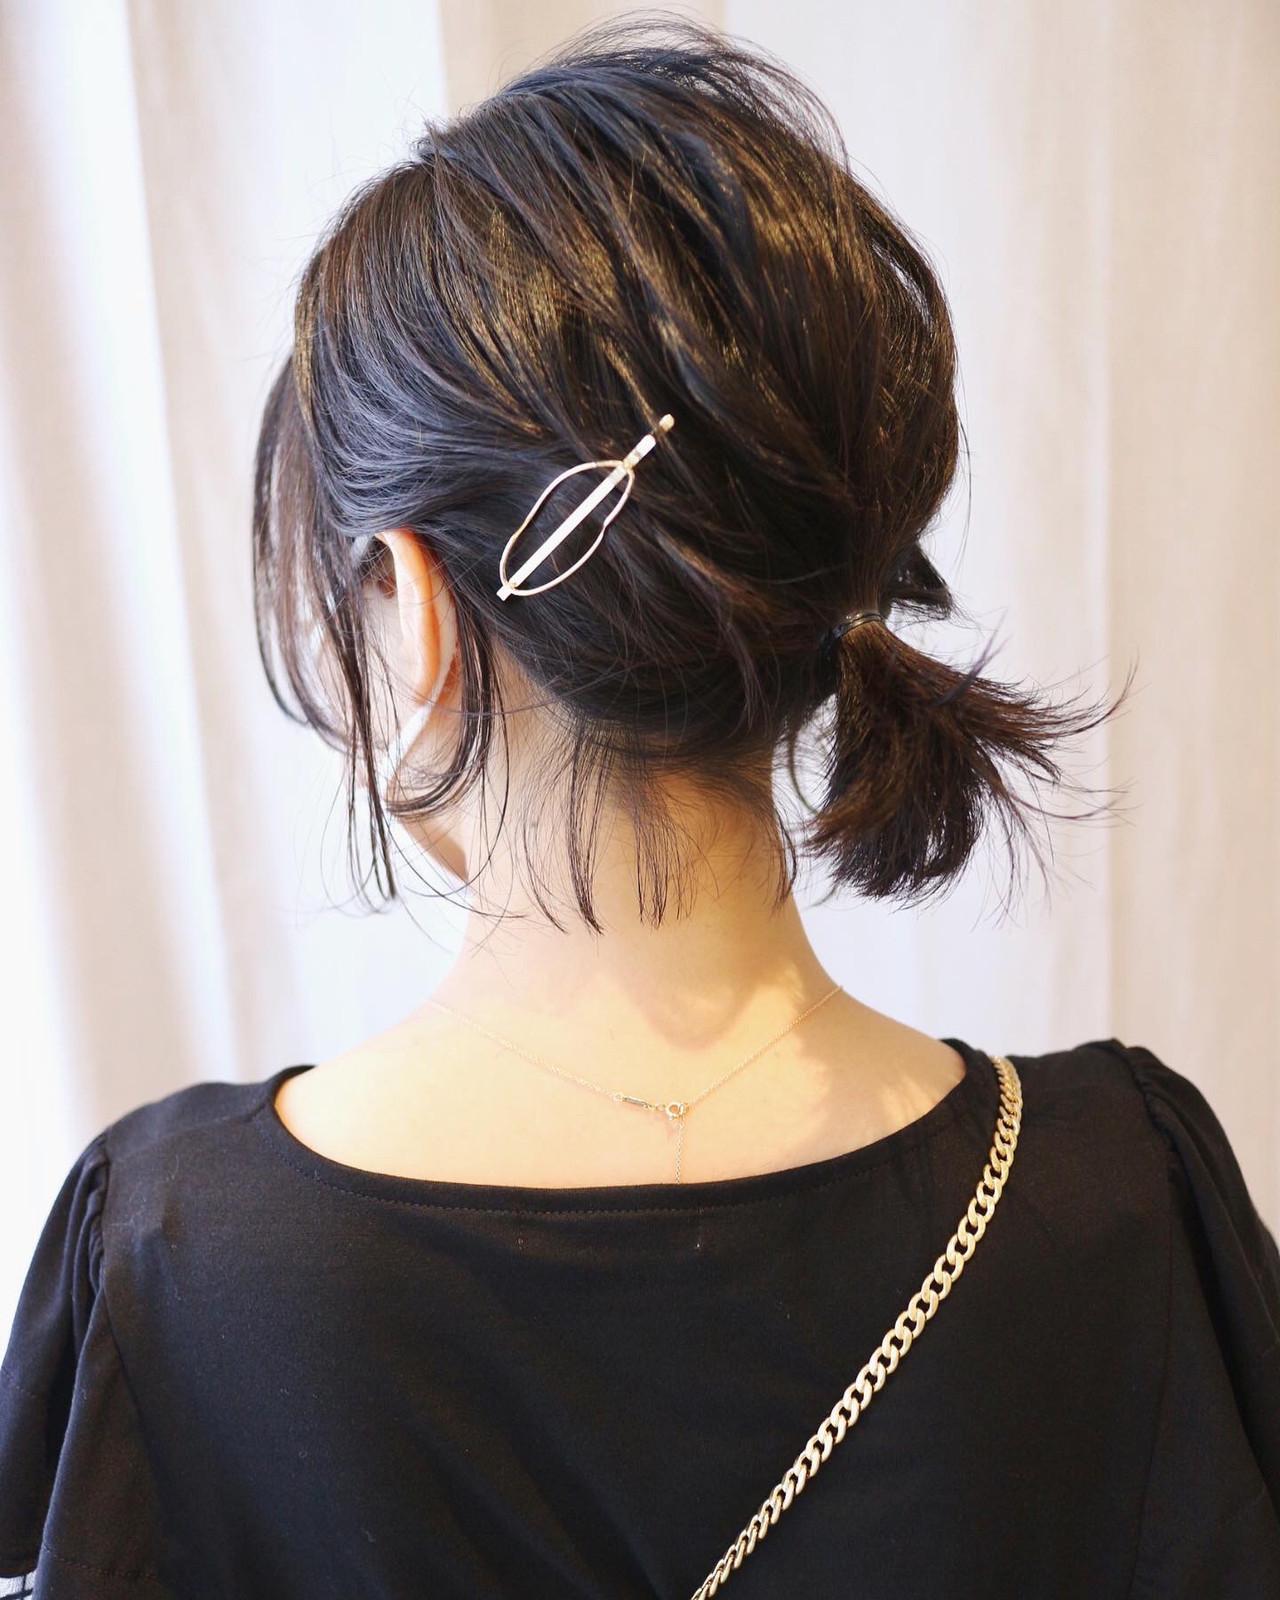 黒髪 ボブ セルフヘアアレンジ ヘアアレンジ ヘアスタイルや髪型の写真・画像